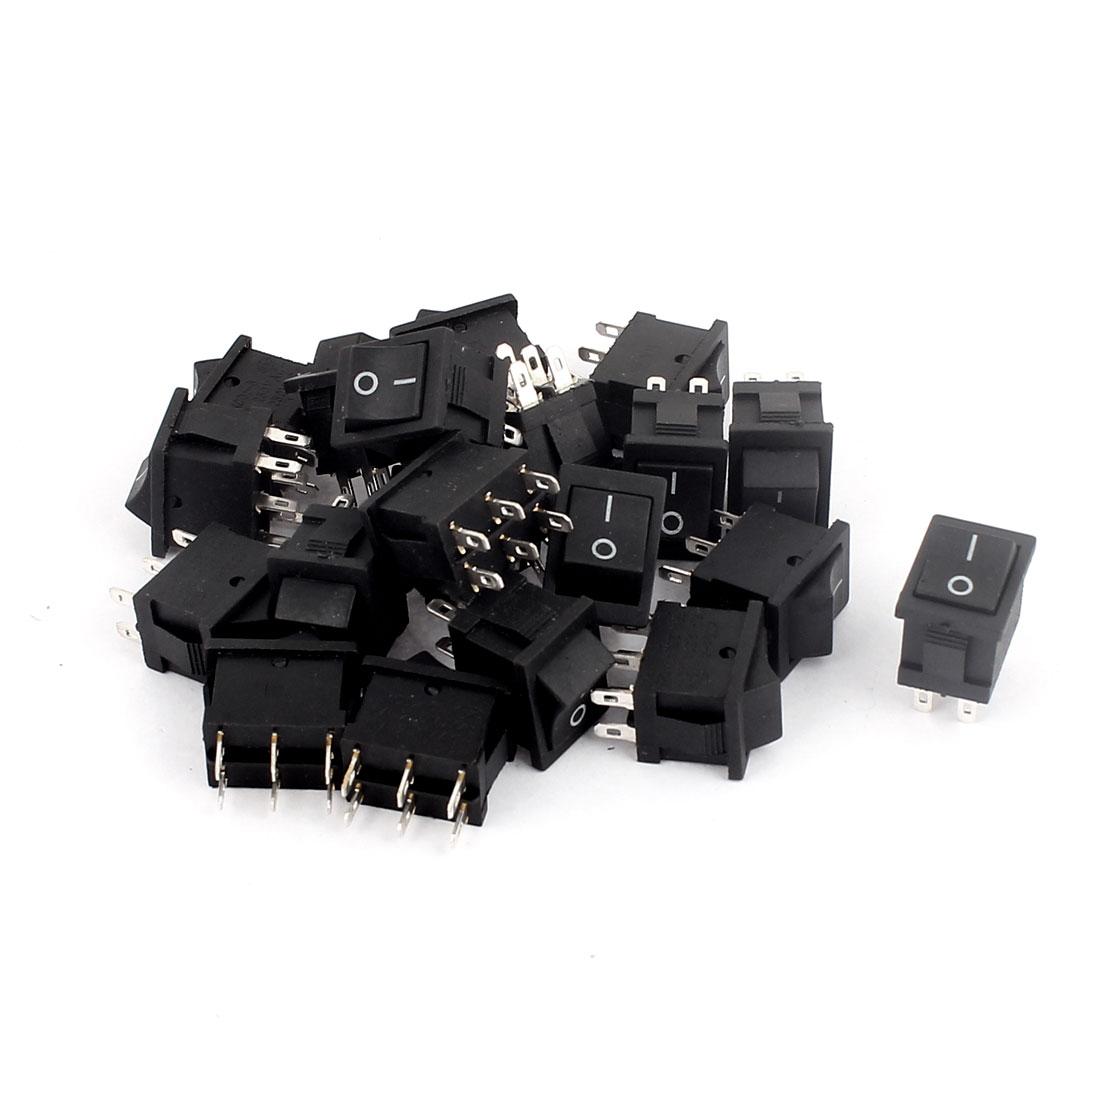 20pcs AC 6A/250V 10A/125V 6 Pin DPDT ON/ON 2 Position Self-locking Boat Rocker Switch